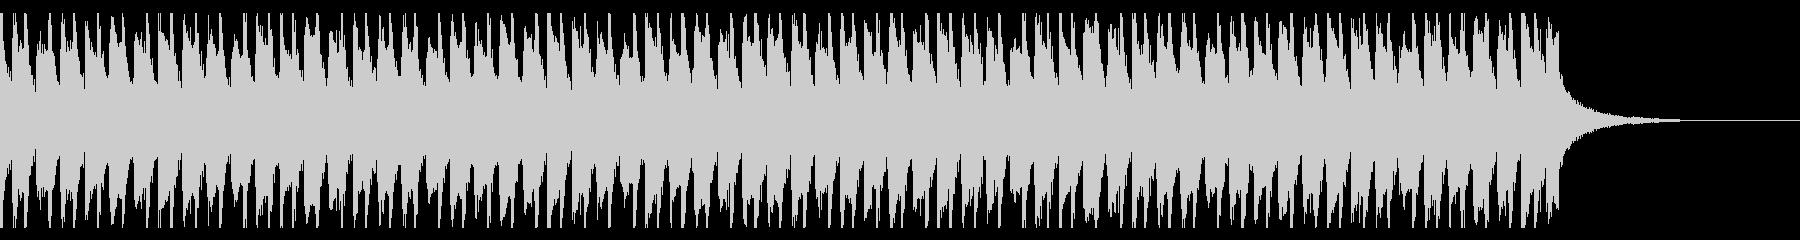 アップビートでハッピーポップ(30秒)の未再生の波形